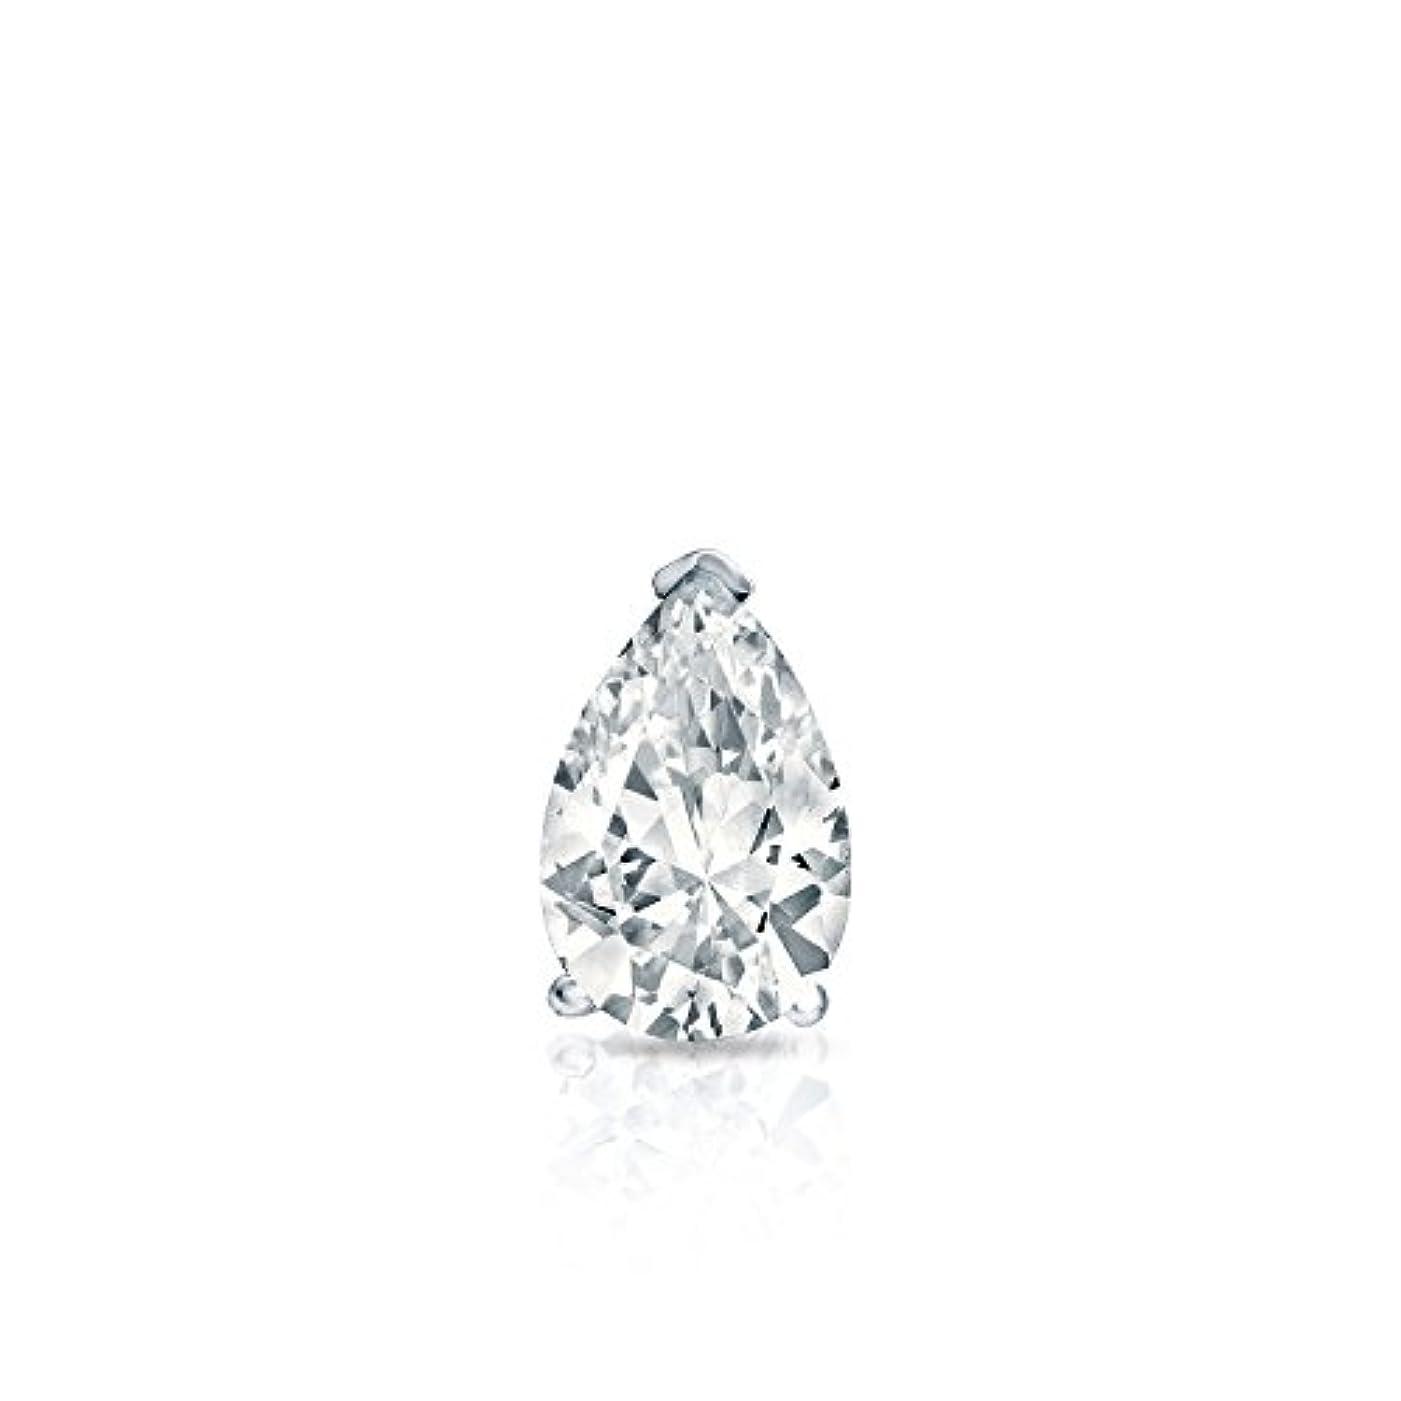 保険をかける精査する隠された14 KホワイトゴールドProng梨ダイヤモンドシングルスタッドイヤリング( 1 / 4 – 1 CT、Oホワイト、i1 - i2 ) push-back